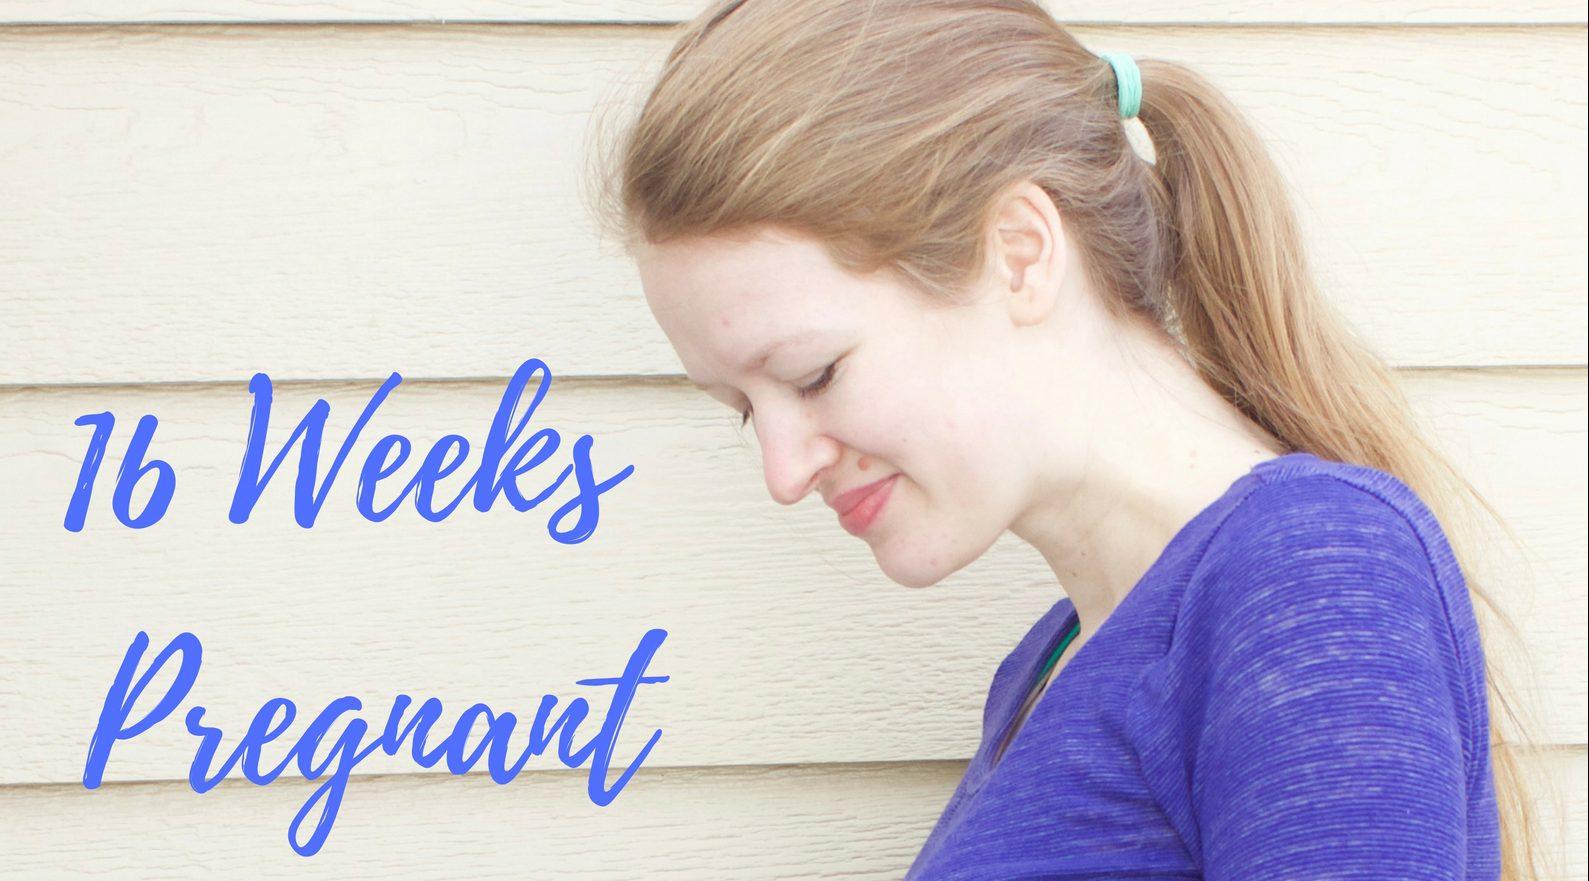 16 Week Bumpdate